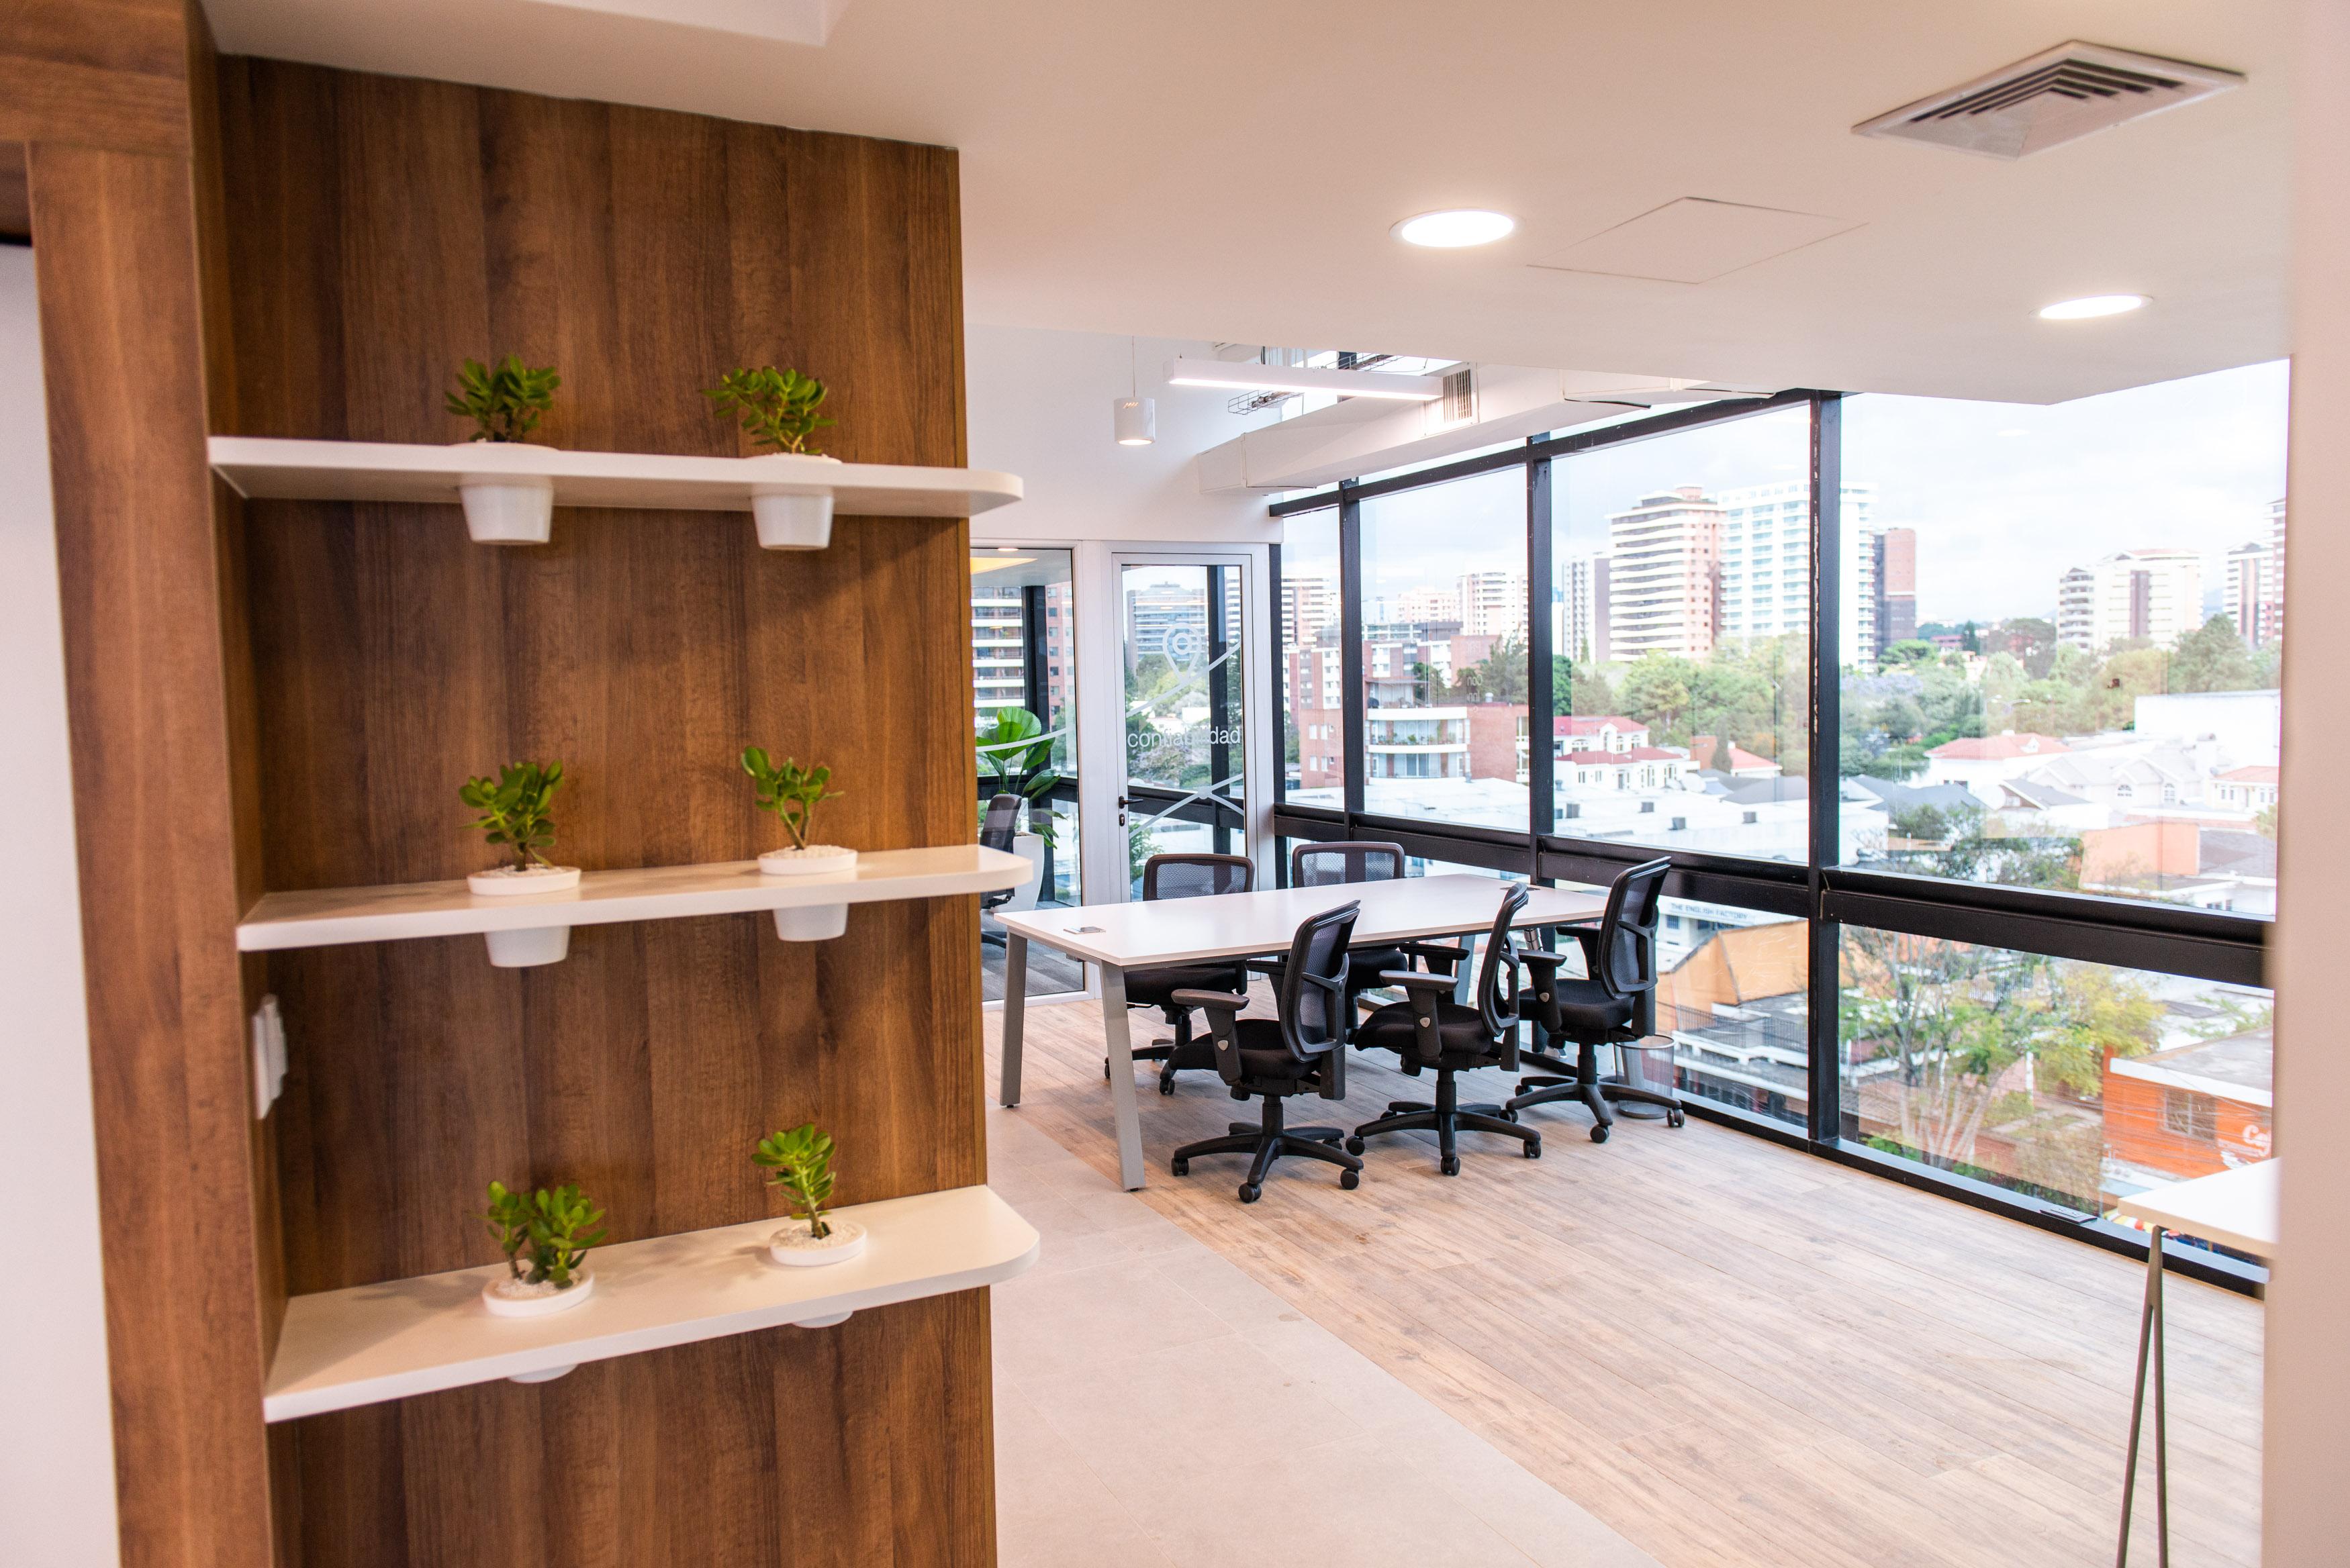 Espacios semi privados para reuniones